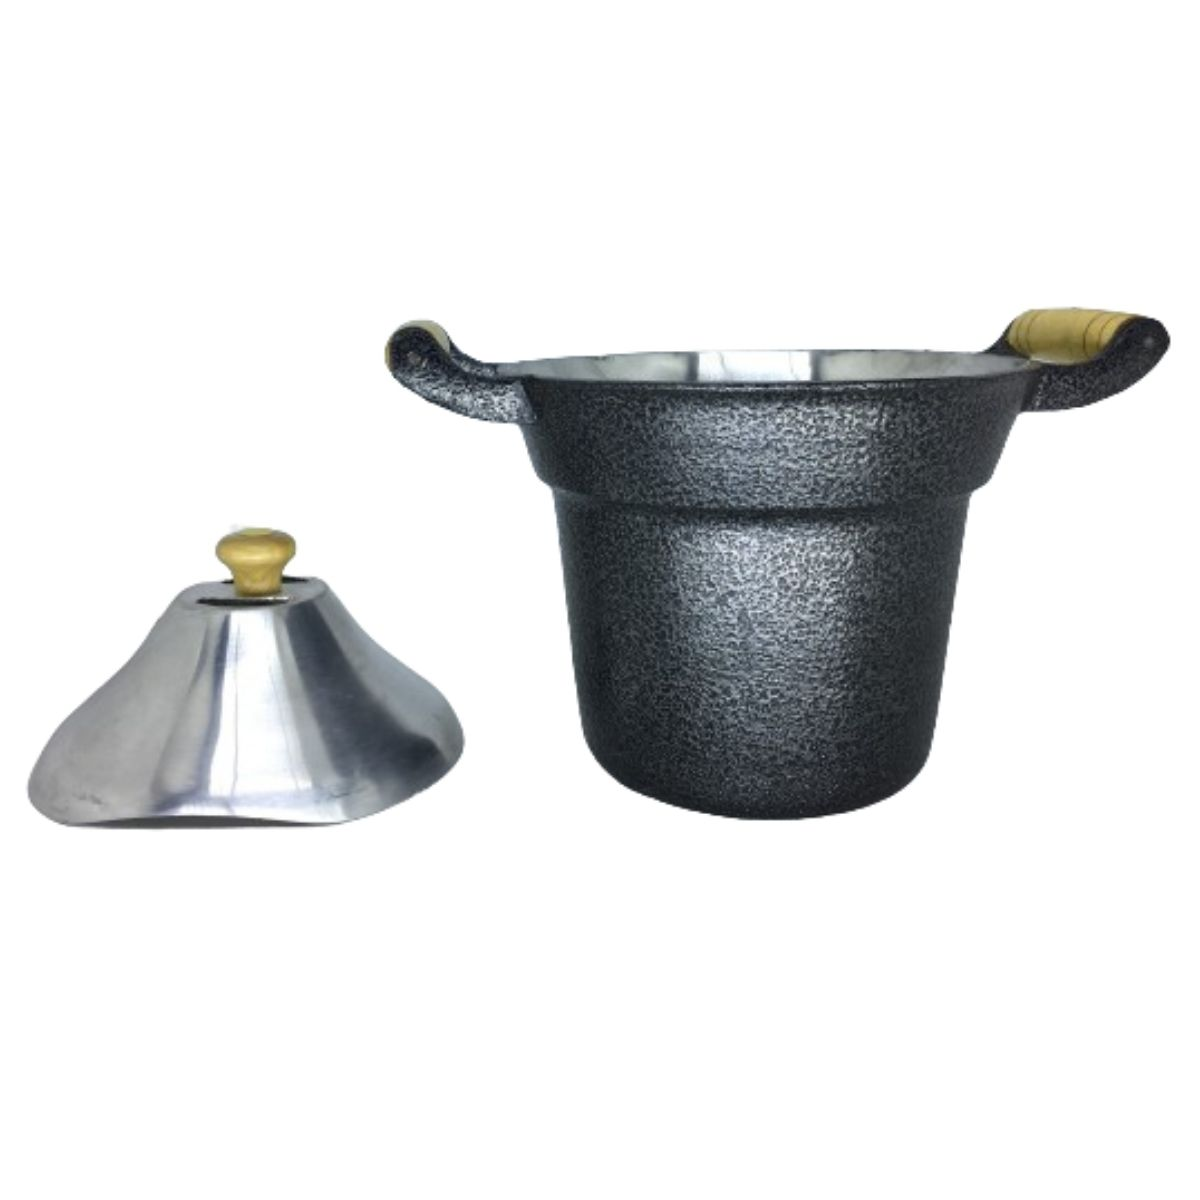 Fervedor Leiteira Inderramável Alumínio Preto 2 Litros